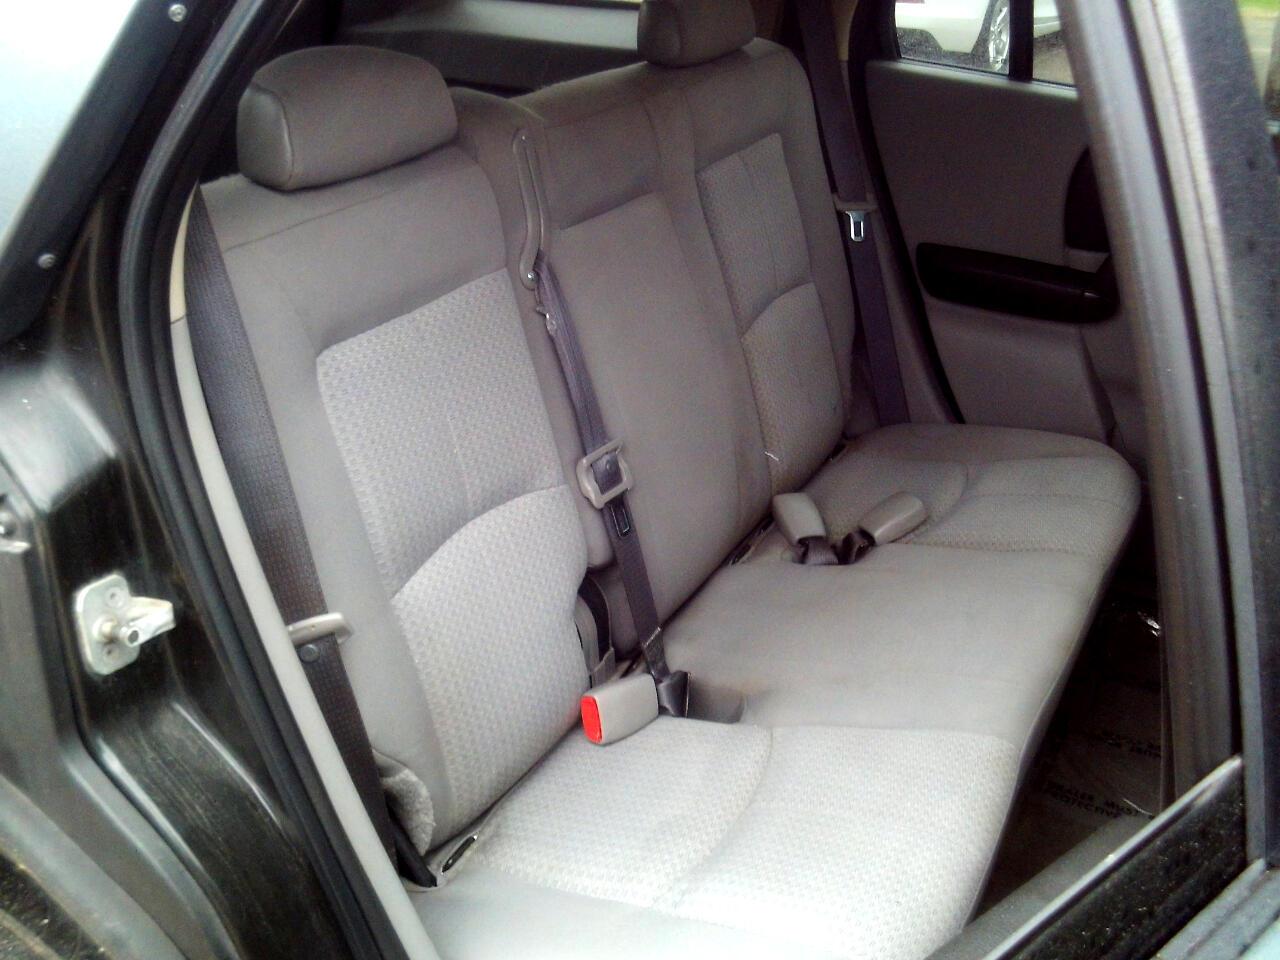 2005 Saturn VUE 4dr FWD Auto